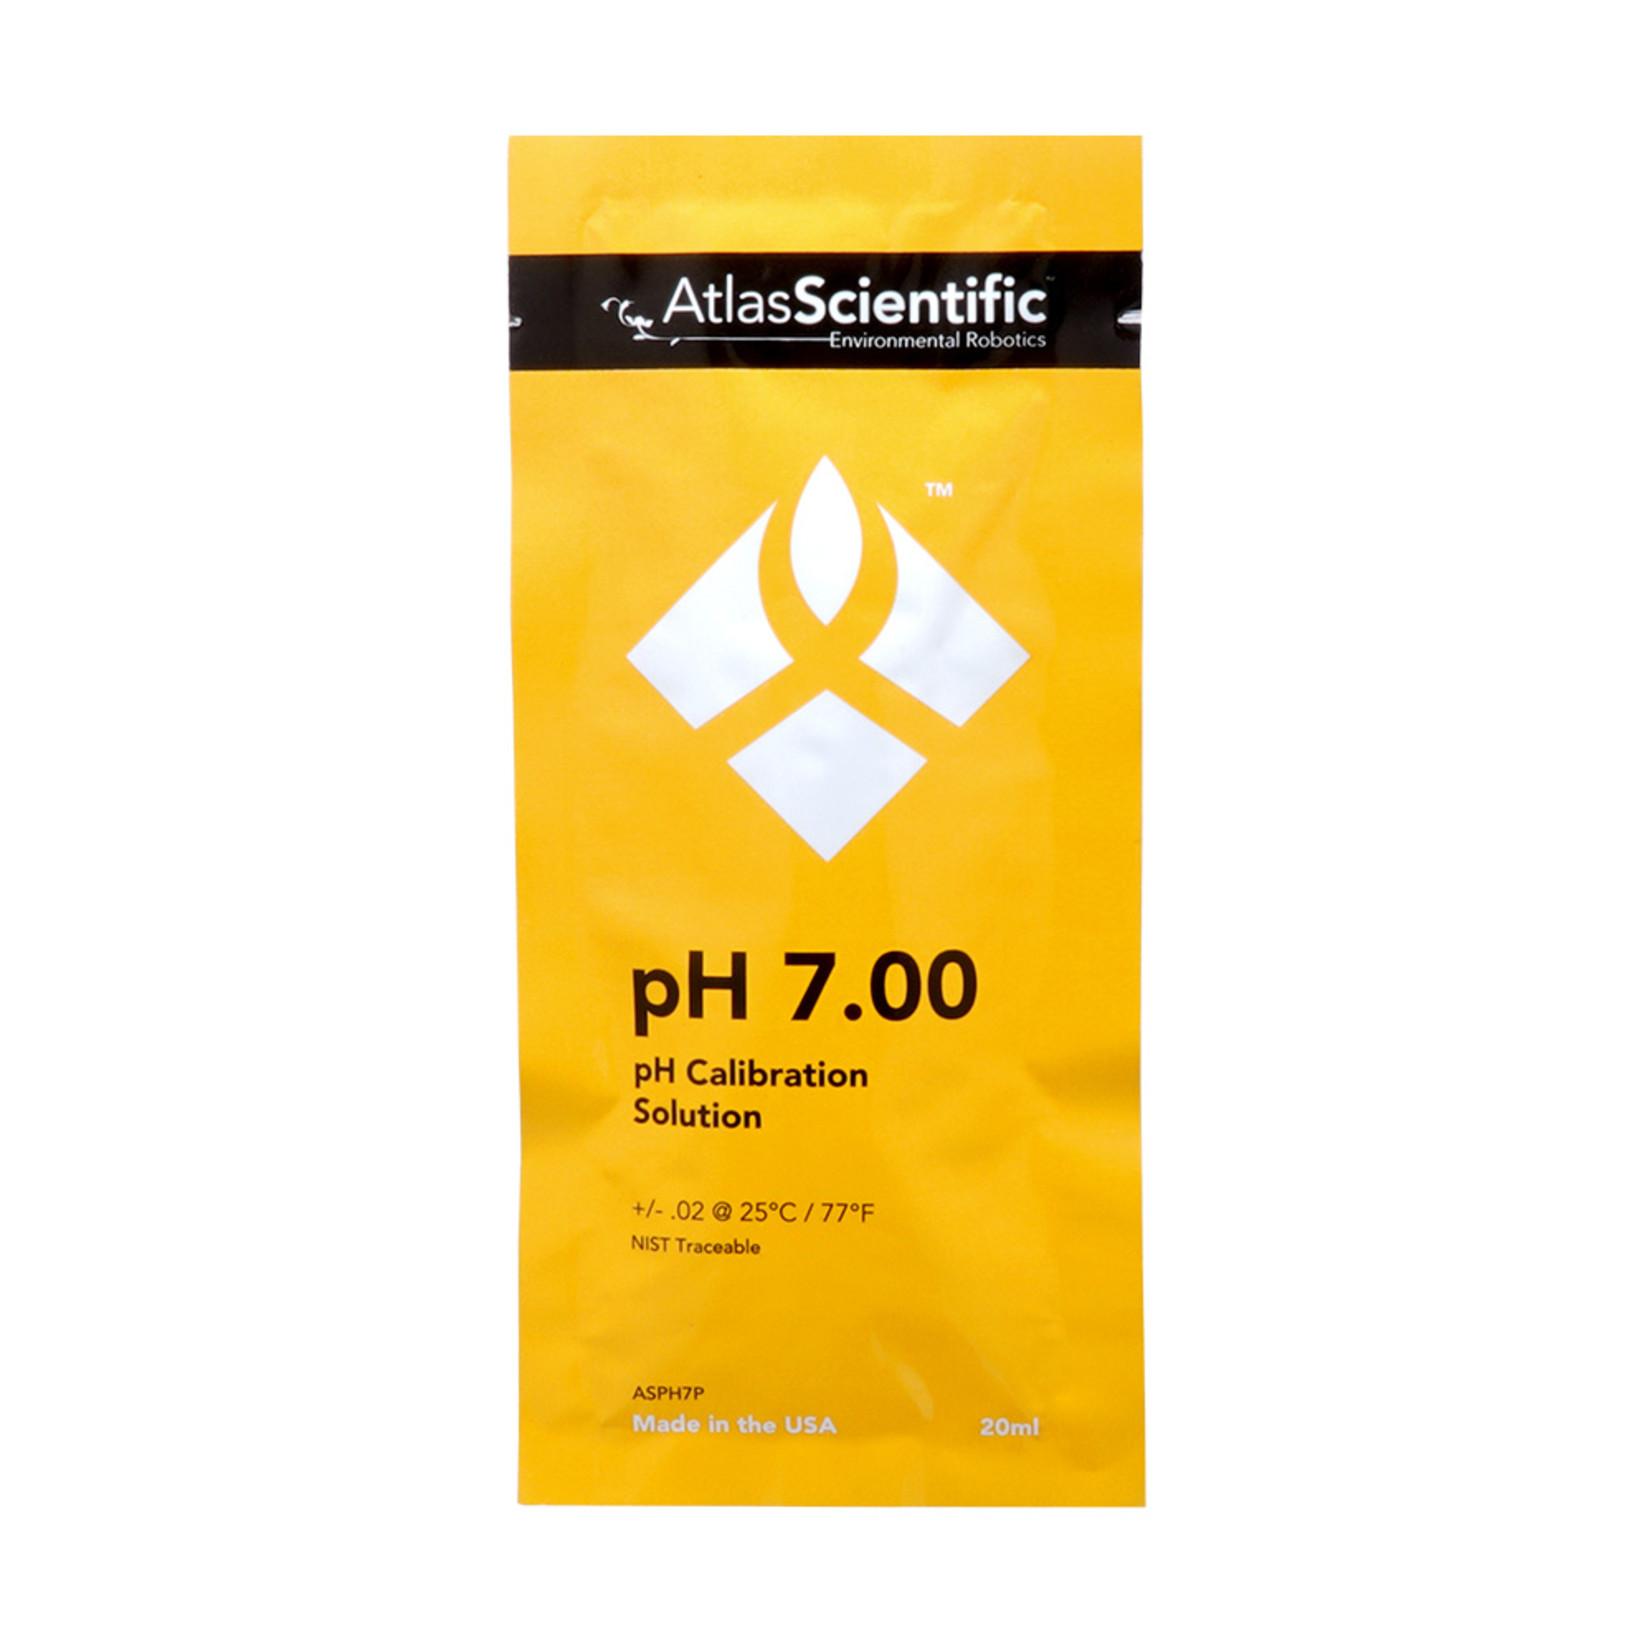 Atlas Scientific pH 7.00 kalibratieoplossing zakje